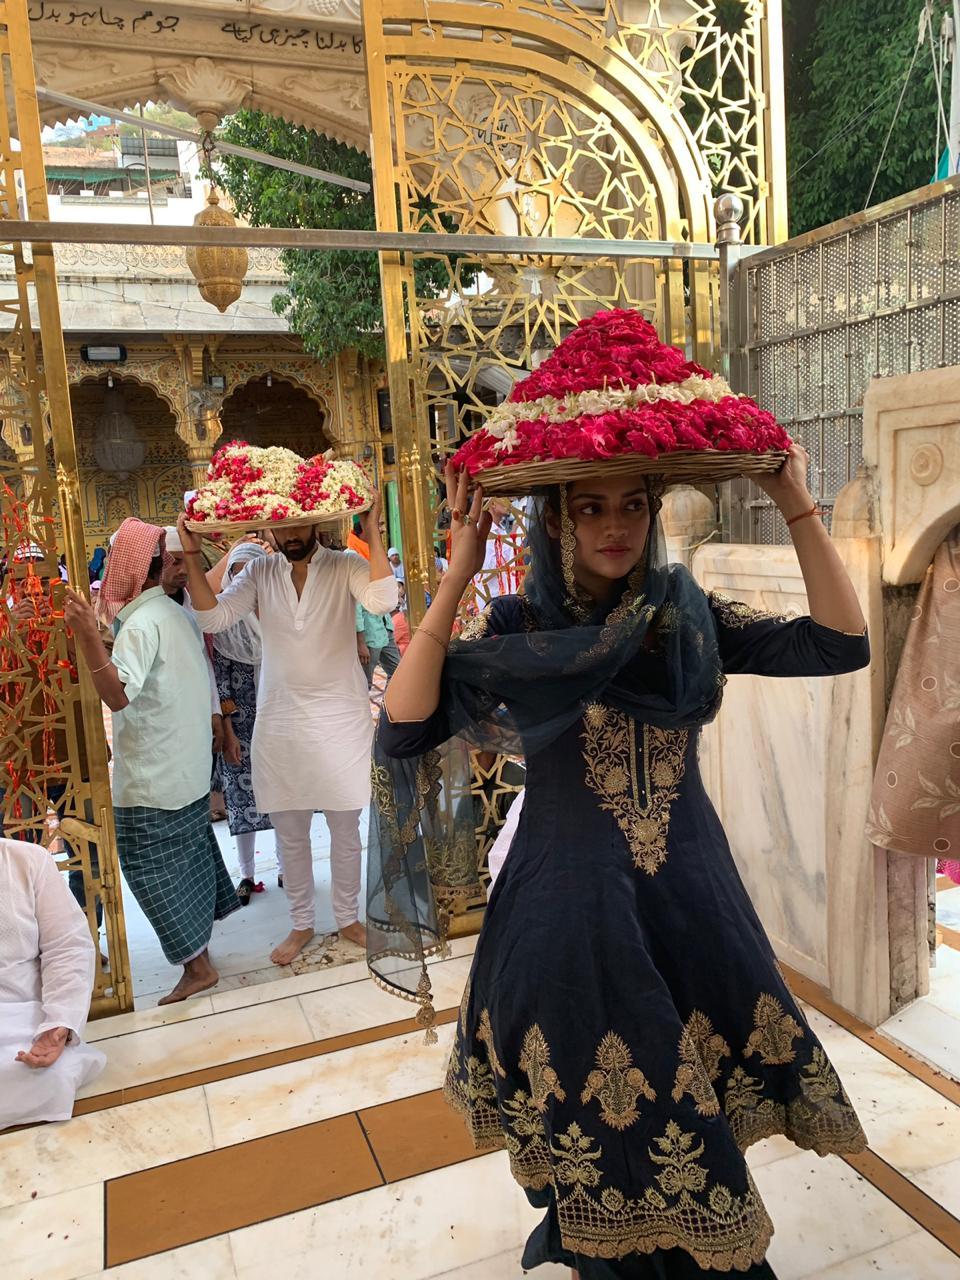 अभिनेत्री आणि खासदार नुसरत जहाँ यांनी अजमेर शरीफ दर्गा इथे जाऊन प्रार्थना केली.